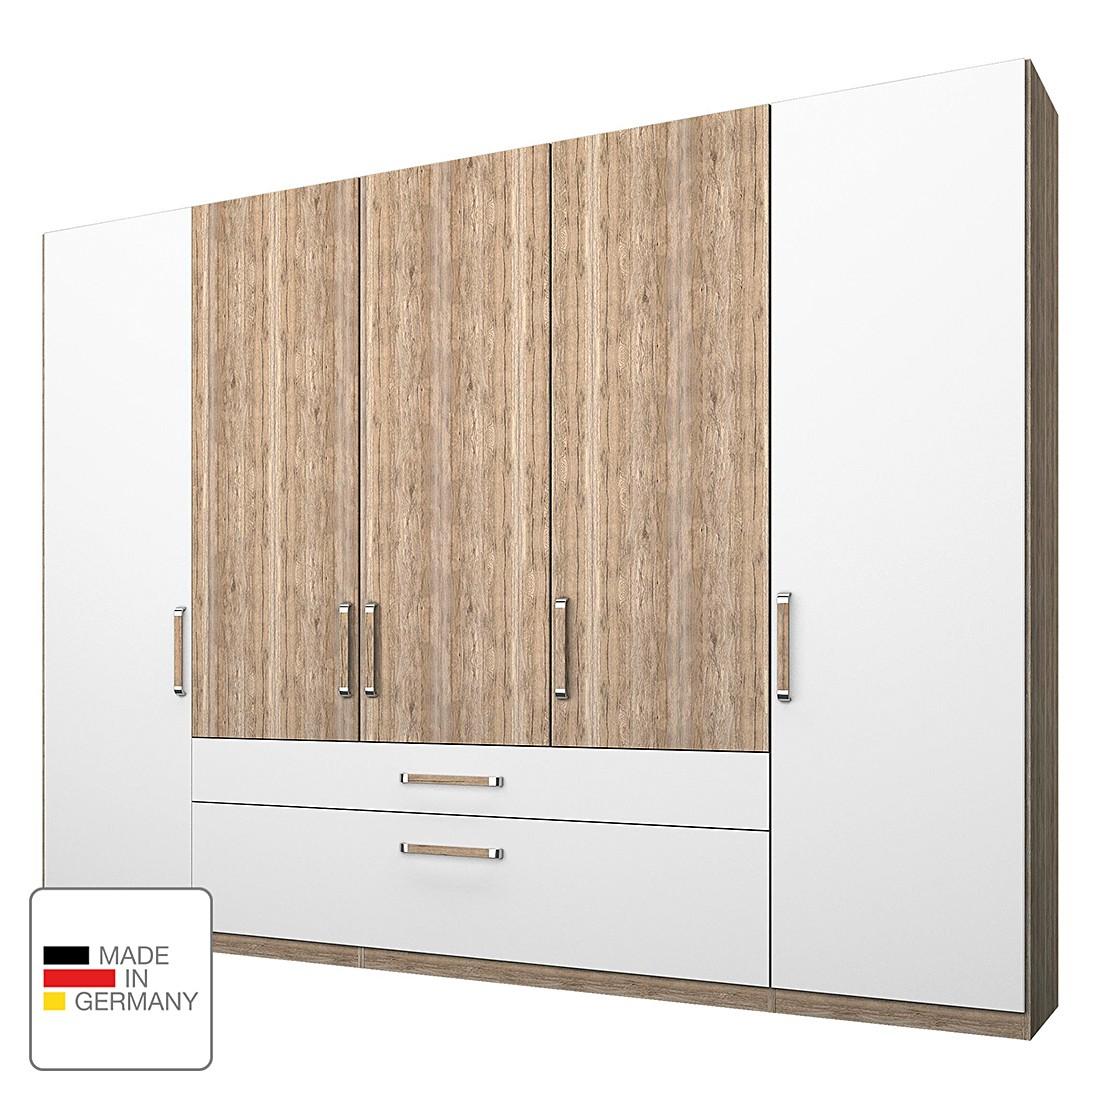 Armoire à vêtements Lea - Avec tiroirs Imitation chêne clair de San Remo / Blanc Alpin - 250 cm (5